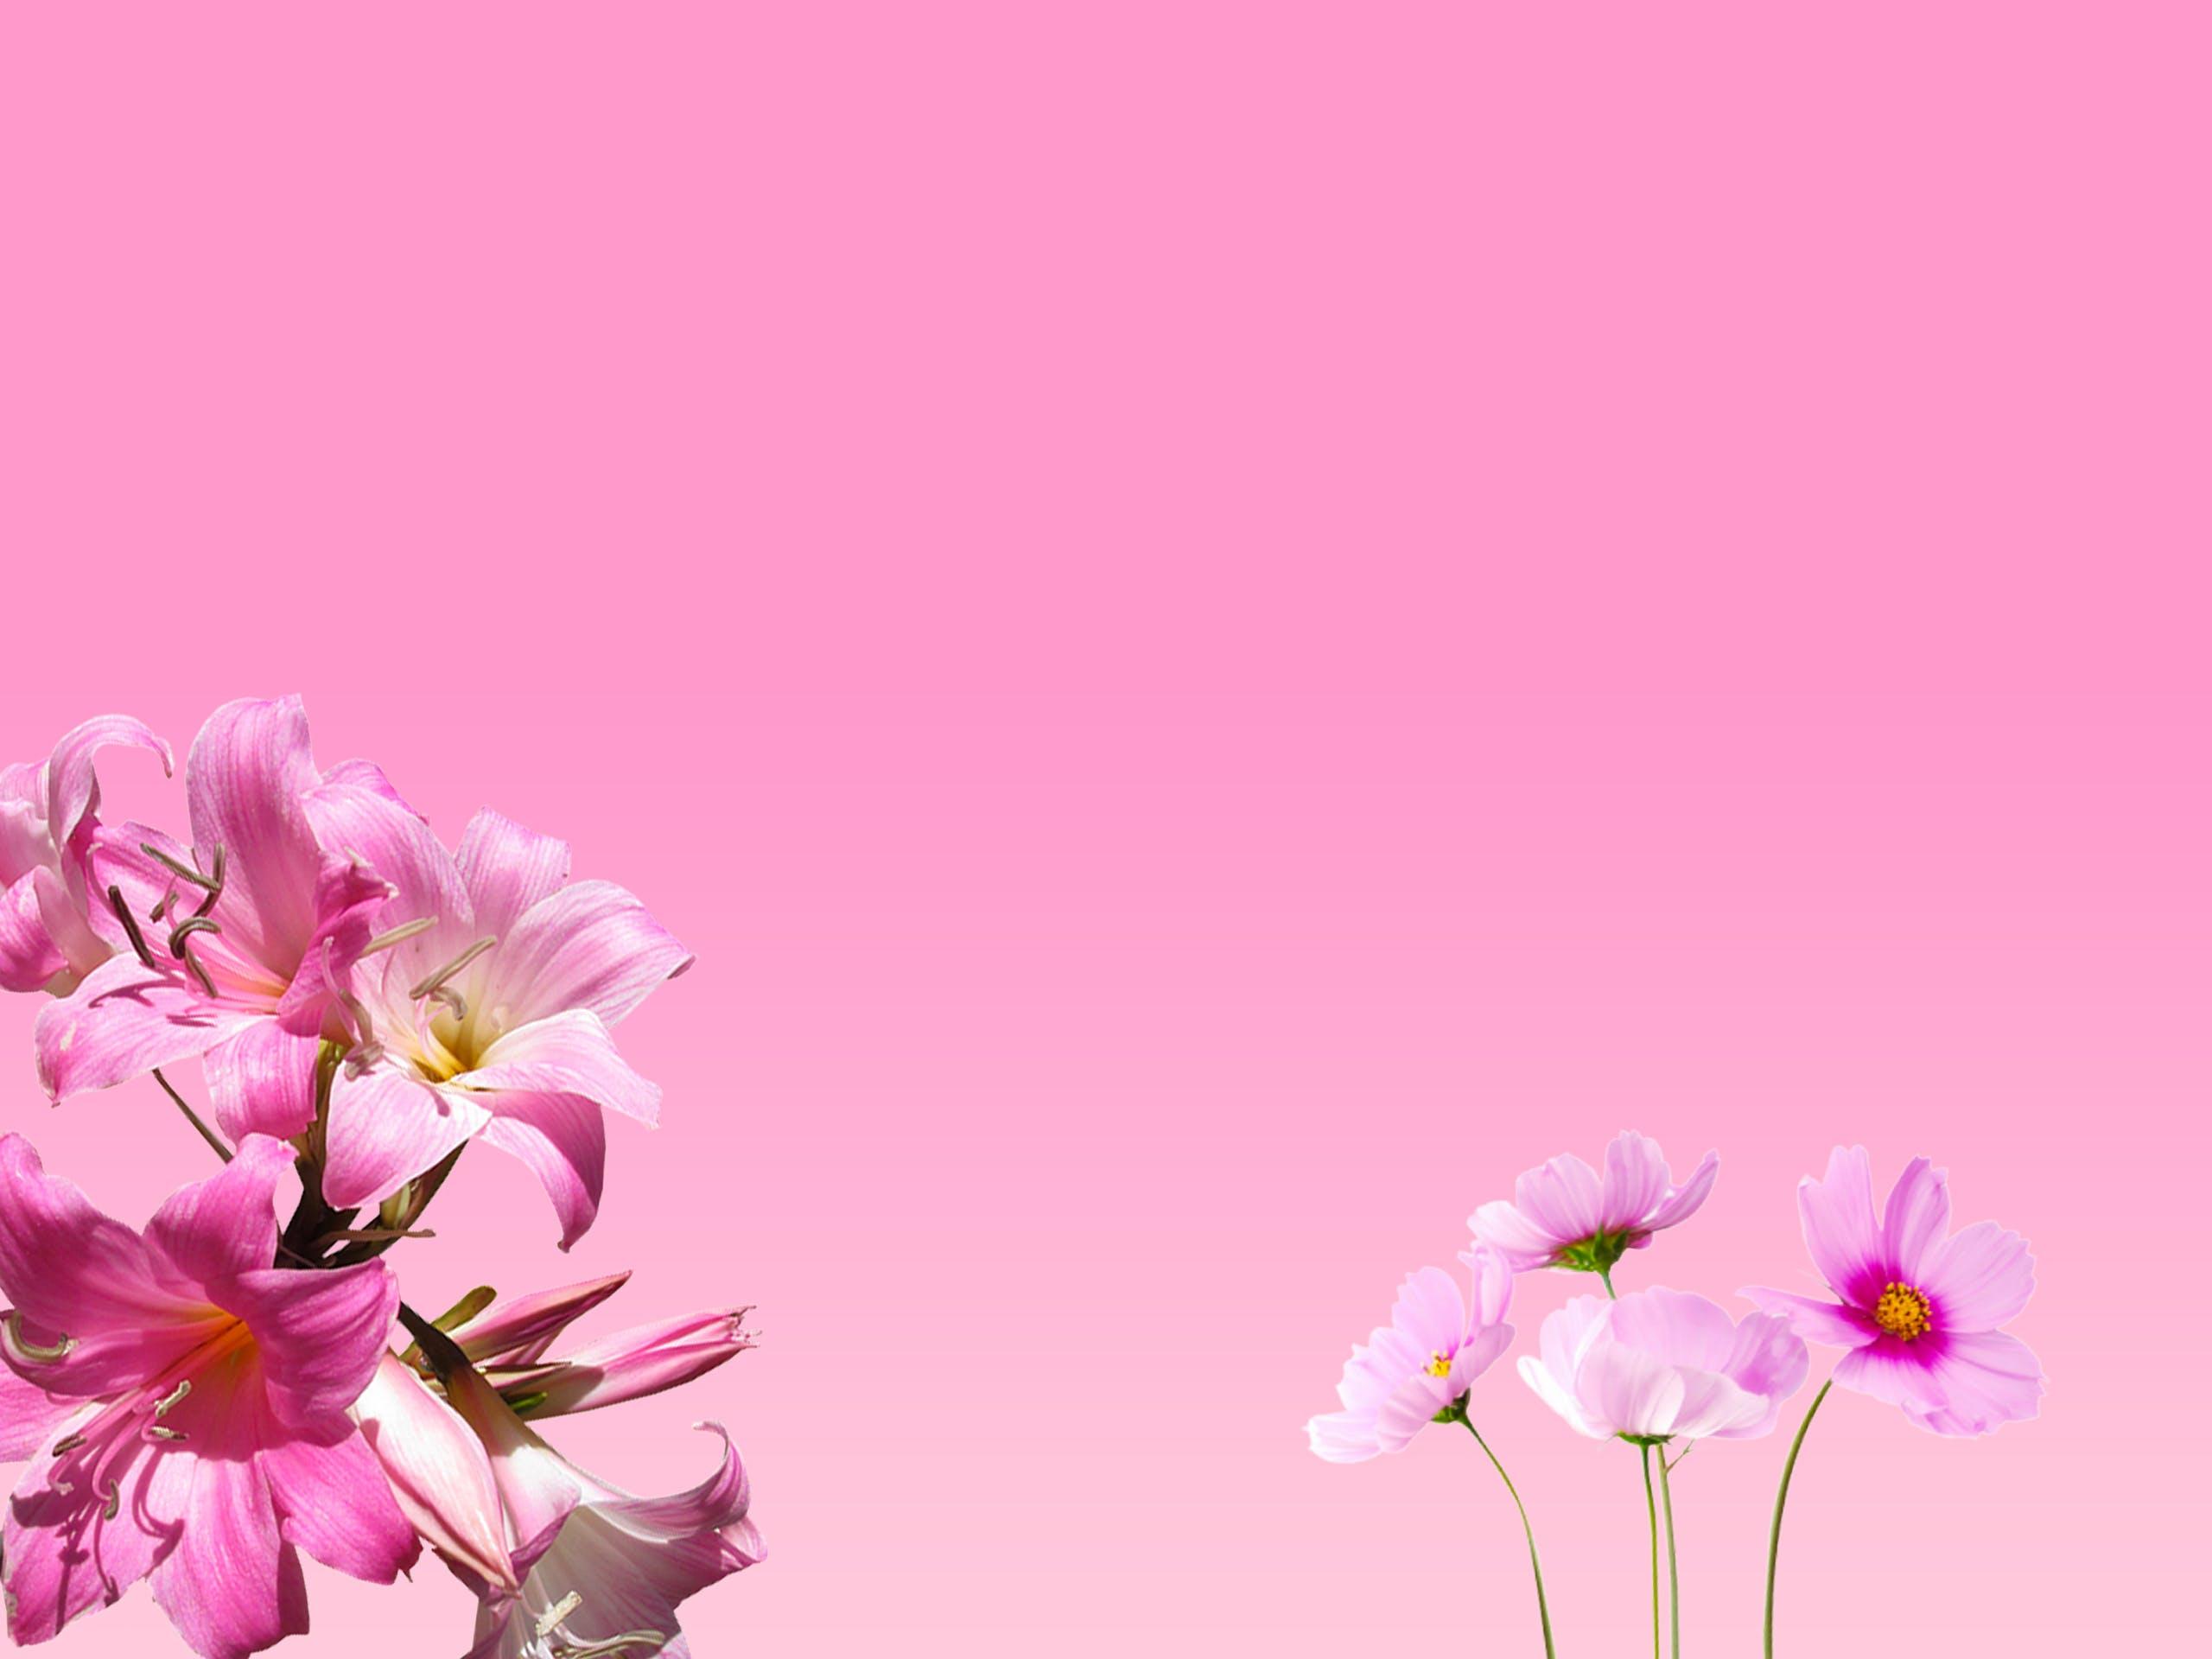 Kostenloses Stock Foto zu blühen, blumen, blumen wallpaper, blüte